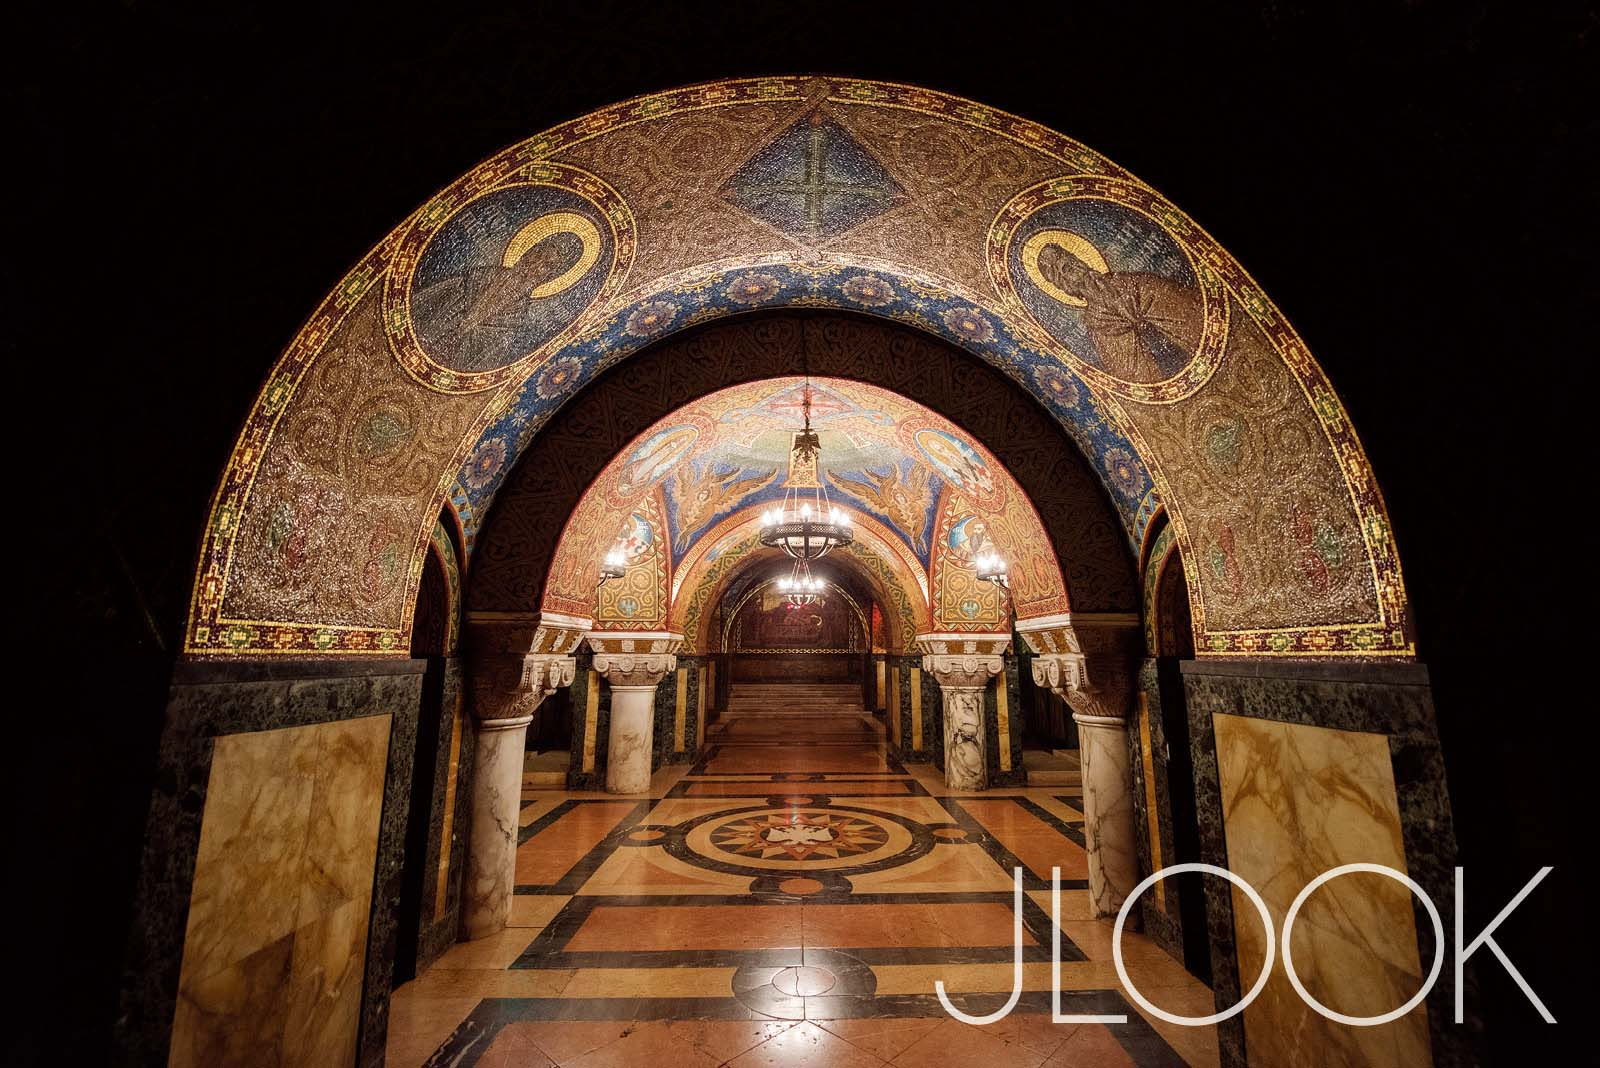 카라조르제비치(Karadjordjevic) 왕가가 묻힌 교회 지하 무덤. 4천만 개의 모자이크 돌로 내부가 장식됐다. 베오그라드 남쪽으로 100km 떨어진 오플레나츠에 위치한다.